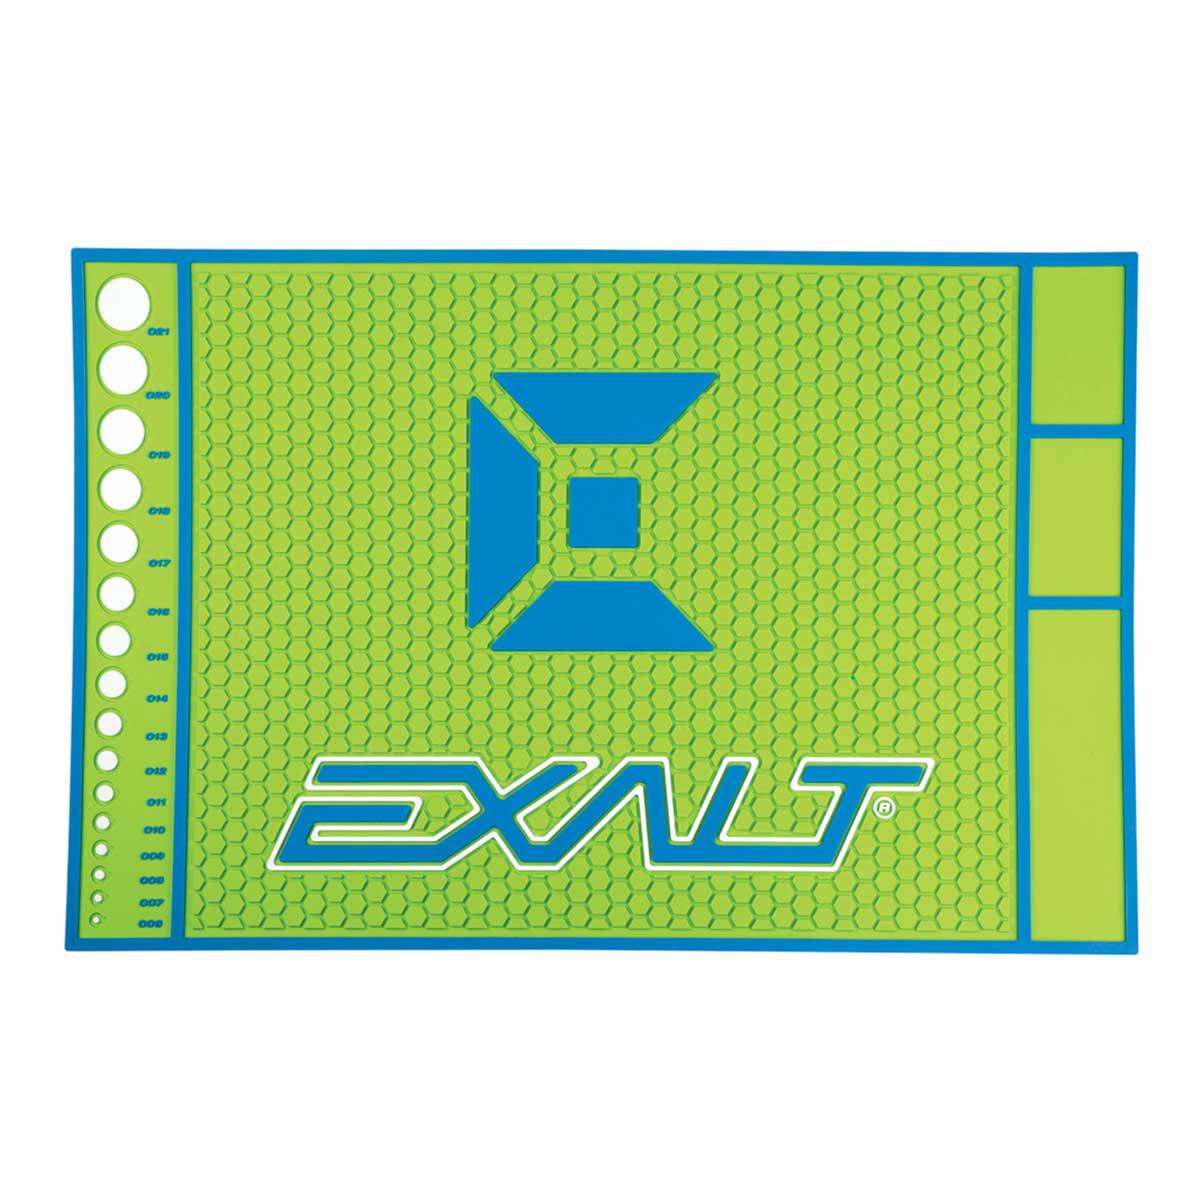 Exalt Paintball HD Rubber Tech Mat Lime   Blue by Exalt